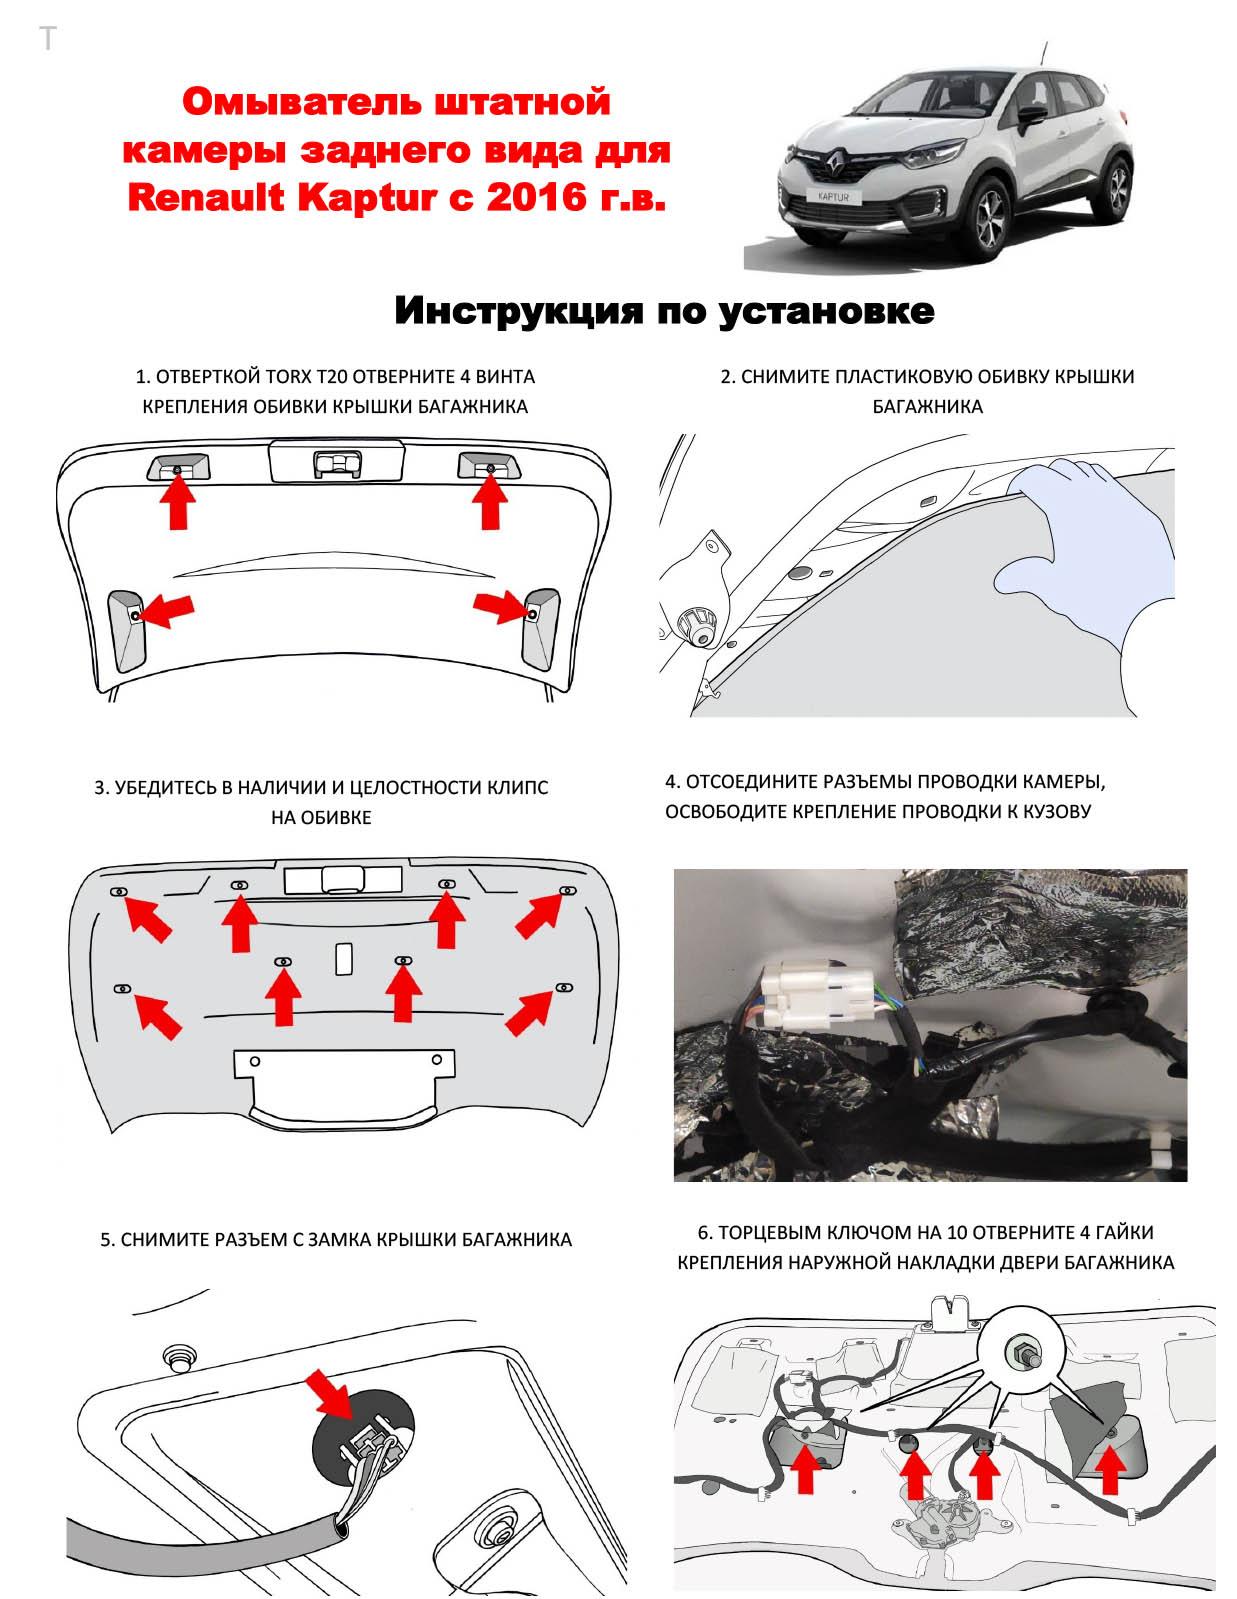 Инструкция по установке омывателя камеры заднего вида для Renault Kaptur